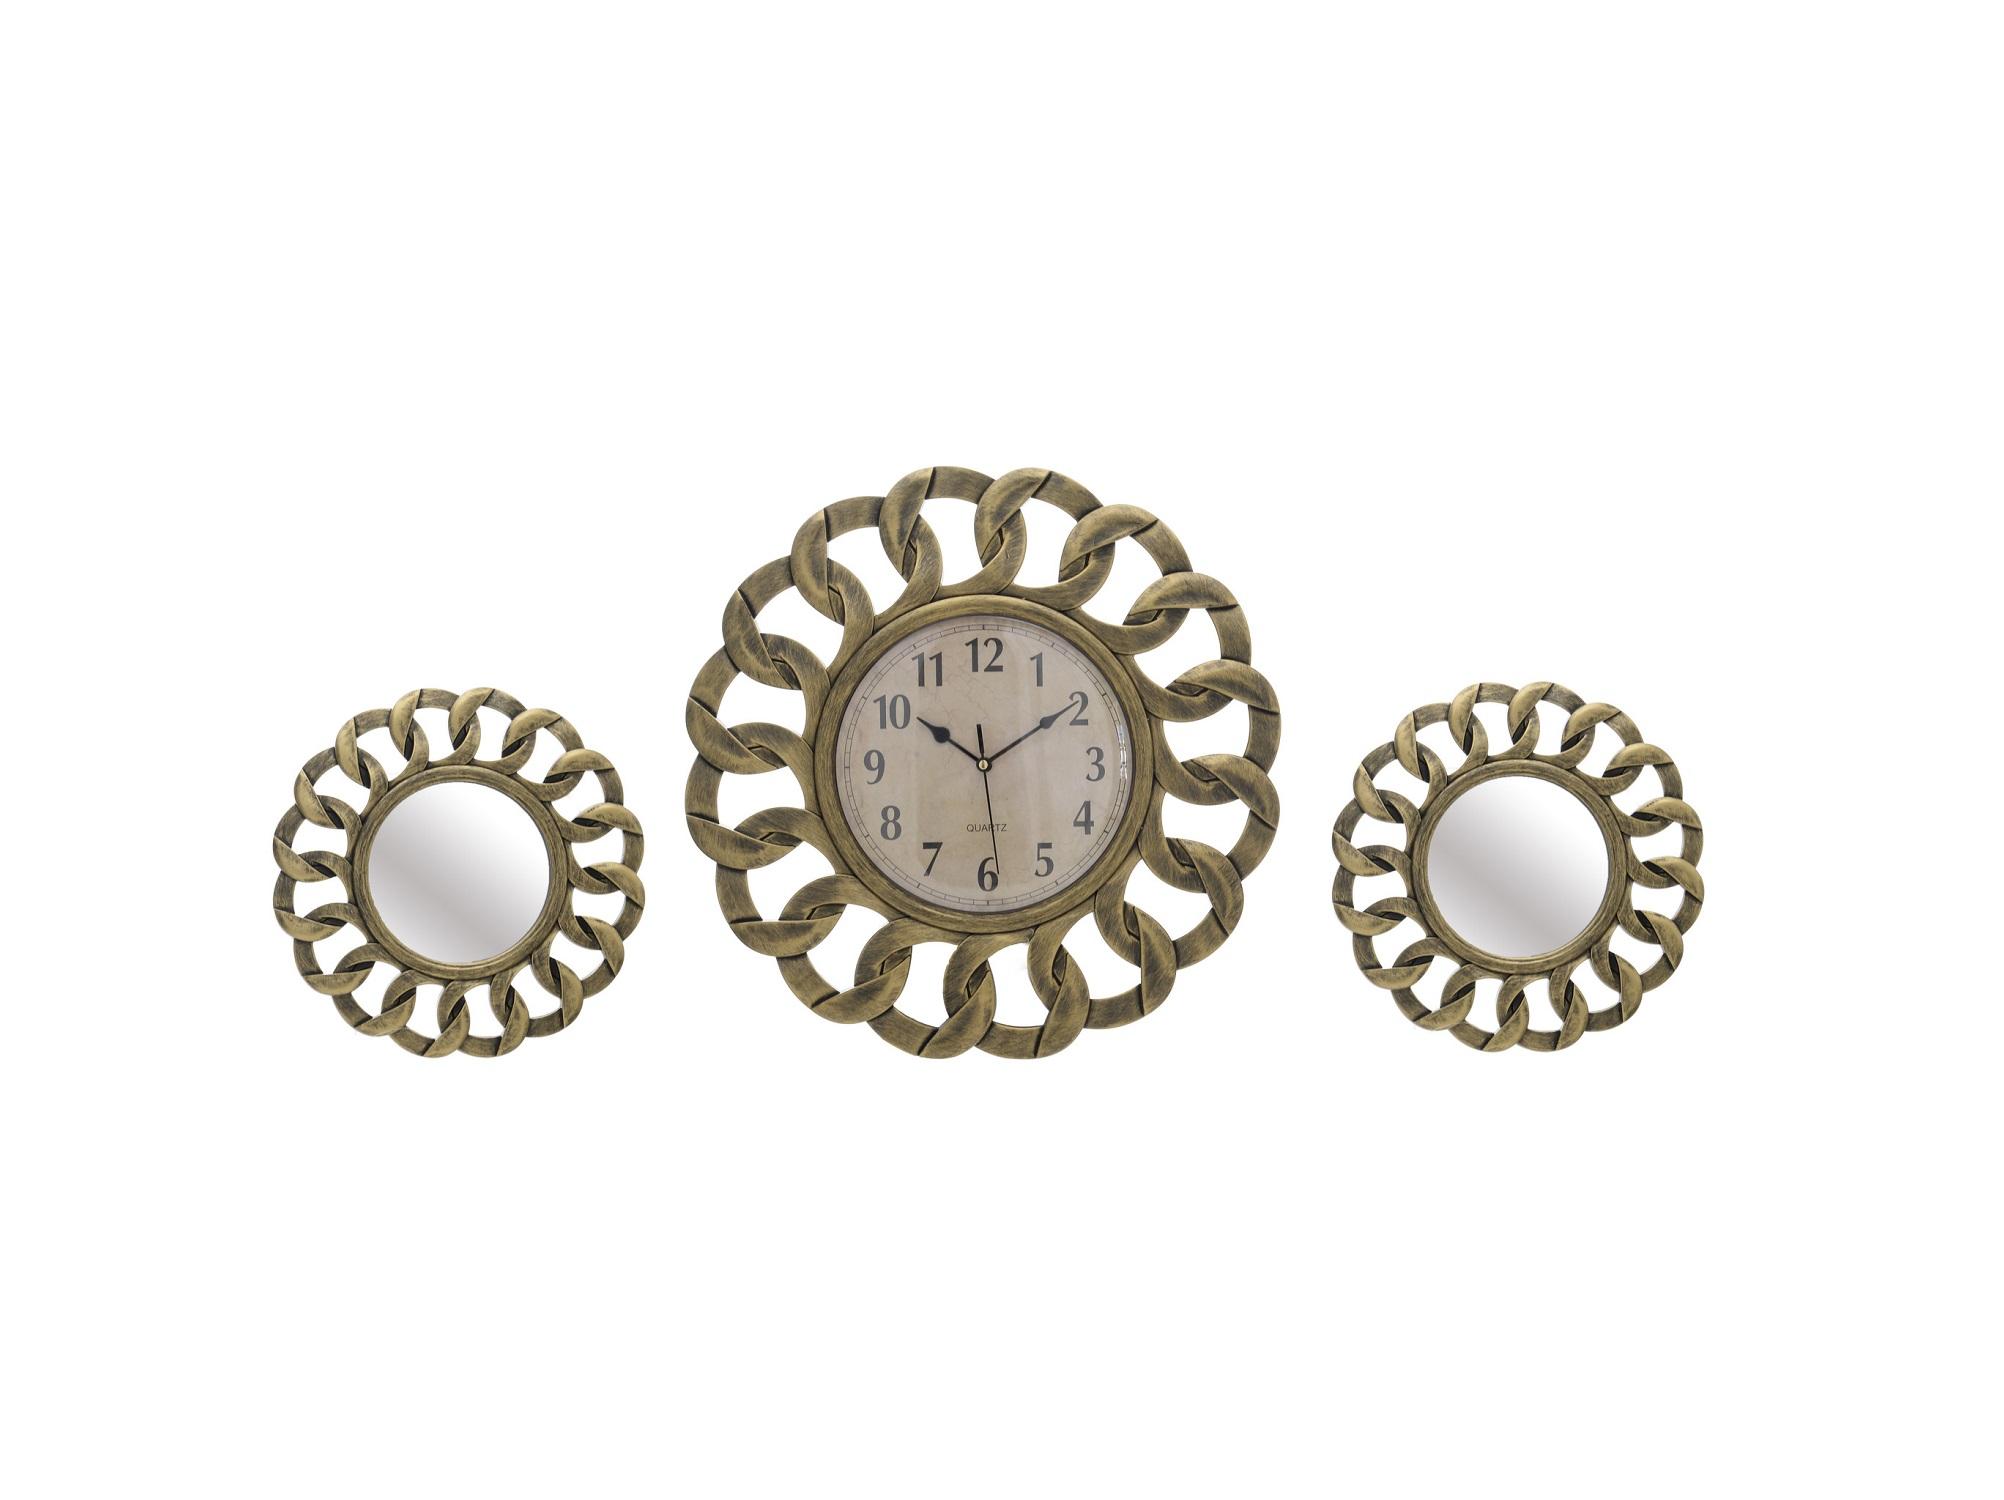 Часы настенные и 2 зеркала AurelianoНастенные часы<br>Размеры:&amp;lt;div&amp;gt;часы -40,6x40,6x3,5&amp;lt;/div&amp;gt;&amp;lt;div&amp;gt;зеркала -25,4x25,4x2,5&amp;lt;/div&amp;gt;&amp;lt;div&amp;gt;&amp;lt;br&amp;gt;&amp;lt;/div&amp;gt;&amp;lt;div&amp;gt;Часы - кварцевый механизм&amp;lt;/div&amp;gt;<br><br>Material: Пластик<br>Глубина см: 3.5